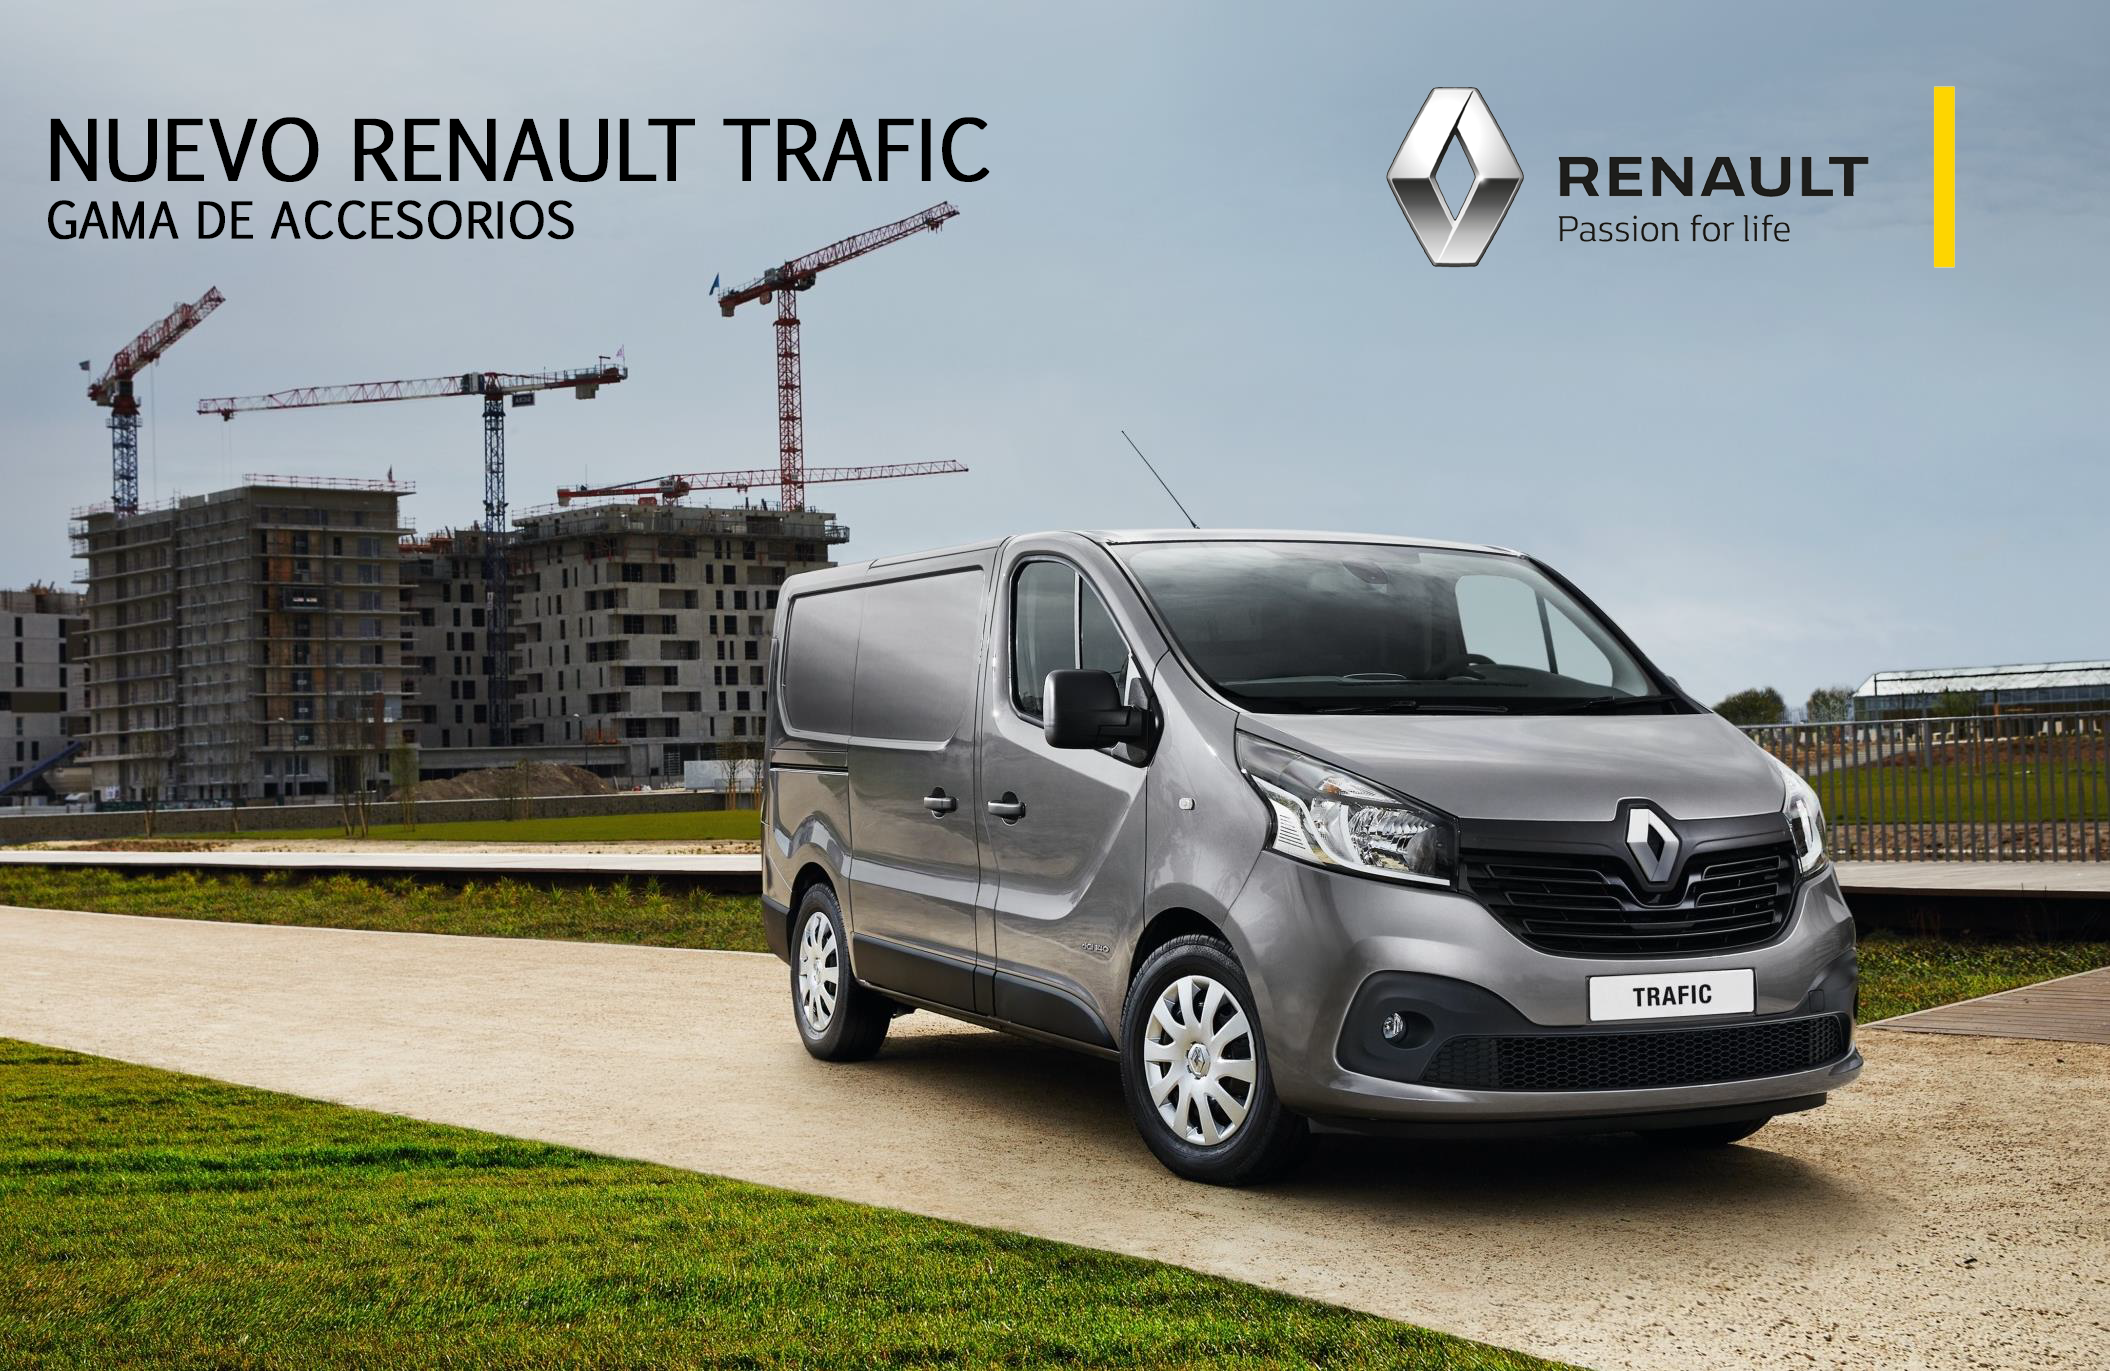 Gama de Accesorios Renault Trafic